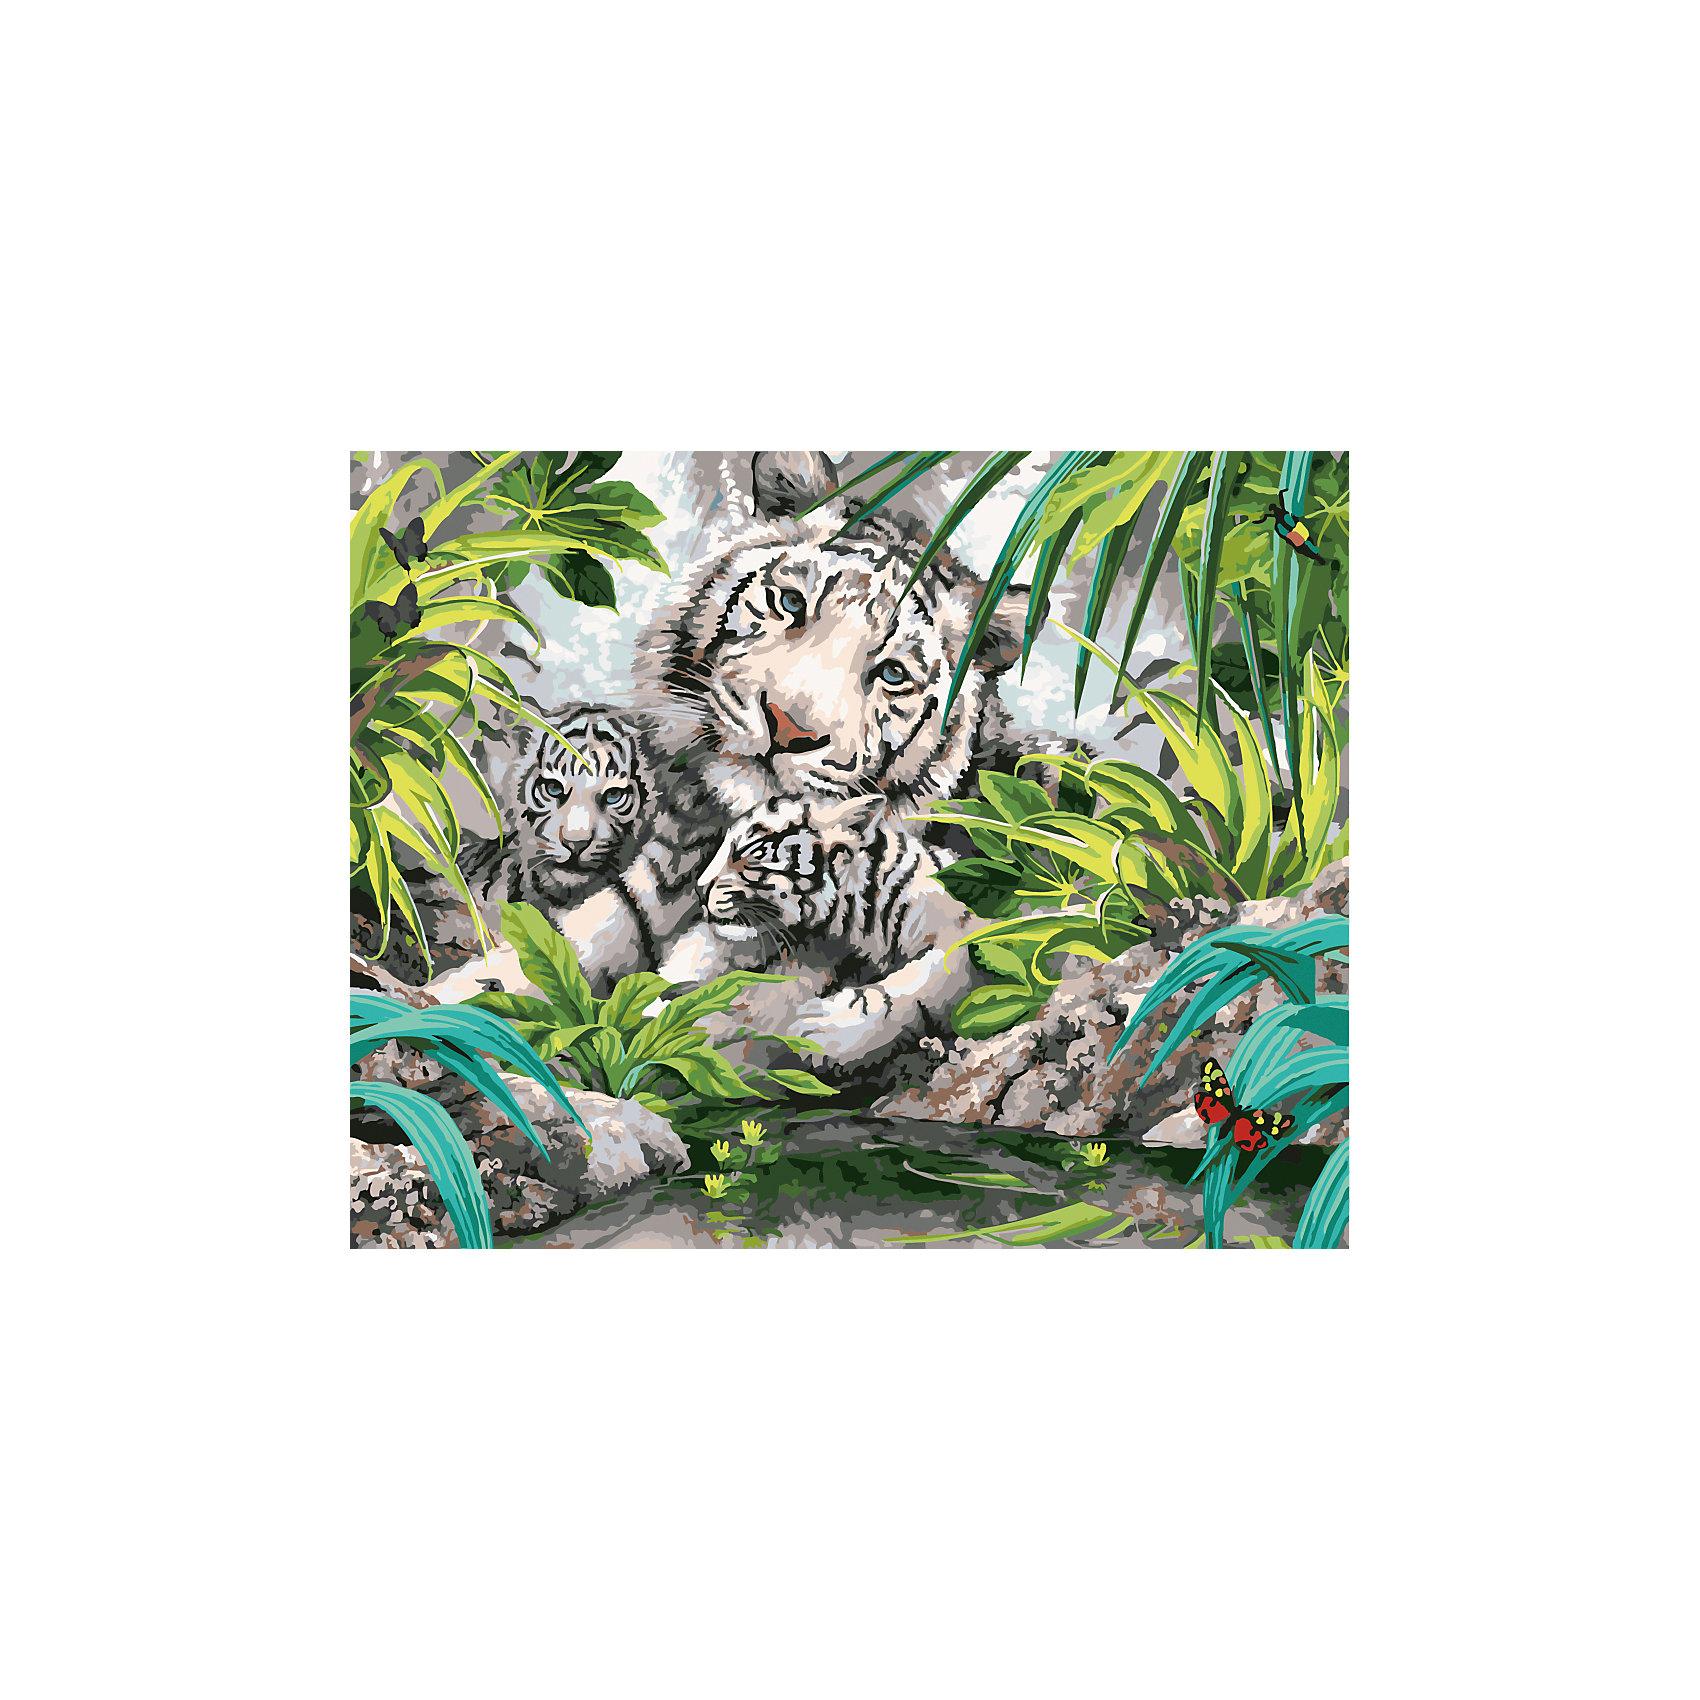 Роспись по номерам Бенгальские тигры 40*50 смХарактеристики товара:<br><br>- цвет: разноцветный;<br>- материал: бумага, акрил;<br>- комплектация: холст на подрамнике, кисти, краски, контрольный рисунок, инструкция;<br>- размер картины: 40х50 см;<br>- размер упаковки: 42х52х3 см.<br><br>Такой комплект для рисования станет отличным подарком и для ребенка, и для взрослого. Он помогает развить художественные навыки, поверить в свои силы, а в итоге работы получается произведение искусства, которое может украсить интерьер!<br>Основа набора - это полотно на подрамнике размером 40 на 50 сантиметров, на которое нанесены контуры рисунка, а участки пронумерованы. Каждому номеру соответствует баночка с краской определенного оттенка. Для удобного нанесения акриловых красок на водной основе в наборе есть три разные кисти, с их помощью даже мелкие детали можно аккуратно и красиво прорисовать. Чтобы контролировать процесс, можно сверяться с контрольным рисунком, на котором изображена готовая картина.<br>Роспись по такой схеме помогает развивать зрительную память, концентрацию внимания, мелкую моторику и цветовосприятие.<br><br>Роспись по номерам Бенгальские тигры 40*50 см можно купить в нашем интернет-магазине.<br><br>Ширина мм: 420<br>Глубина мм: 520<br>Высота мм: 50<br>Вес г: 900<br>Возраст от месяцев: 36<br>Возраст до месяцев: 2147483647<br>Пол: Унисекс<br>Возраст: Детский<br>SKU: 5117407